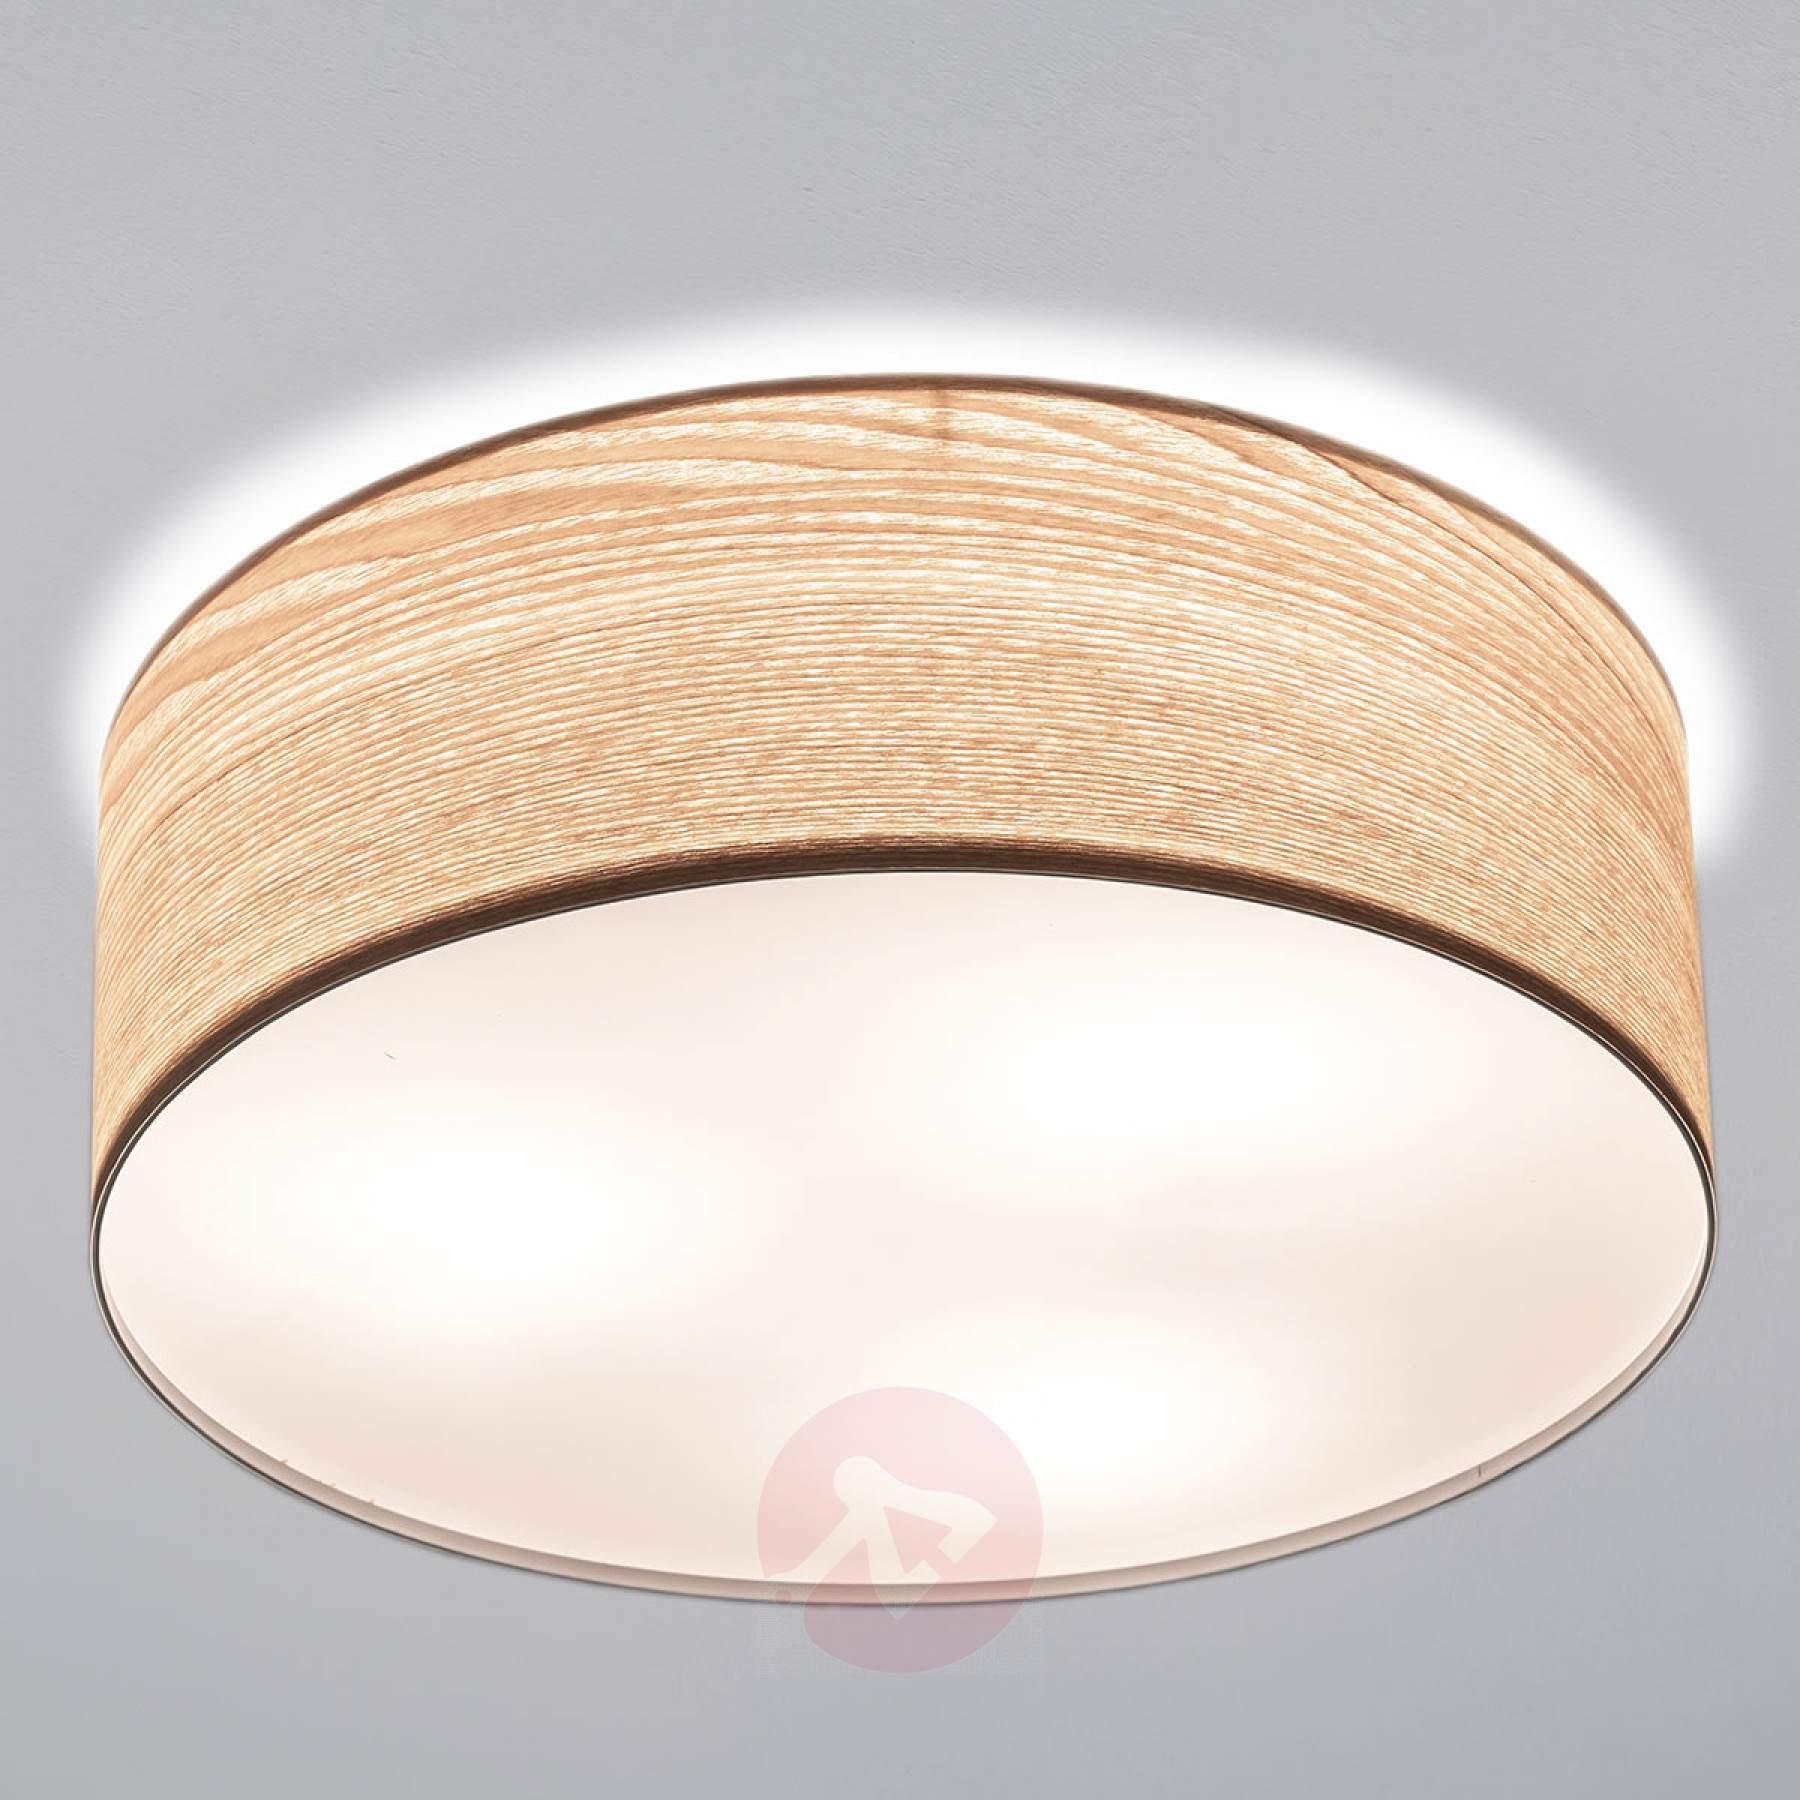 Full Size of Deckenlampe Holz Led Rustikal Lampe Selbst Bauen Mit Holzbalken Aus Rund Deckenleuchte Selber Machen Dimmbar Flach Holzbalkendecke Regal Massivholz Altholz Wohnzimmer Deckenlampe Holz